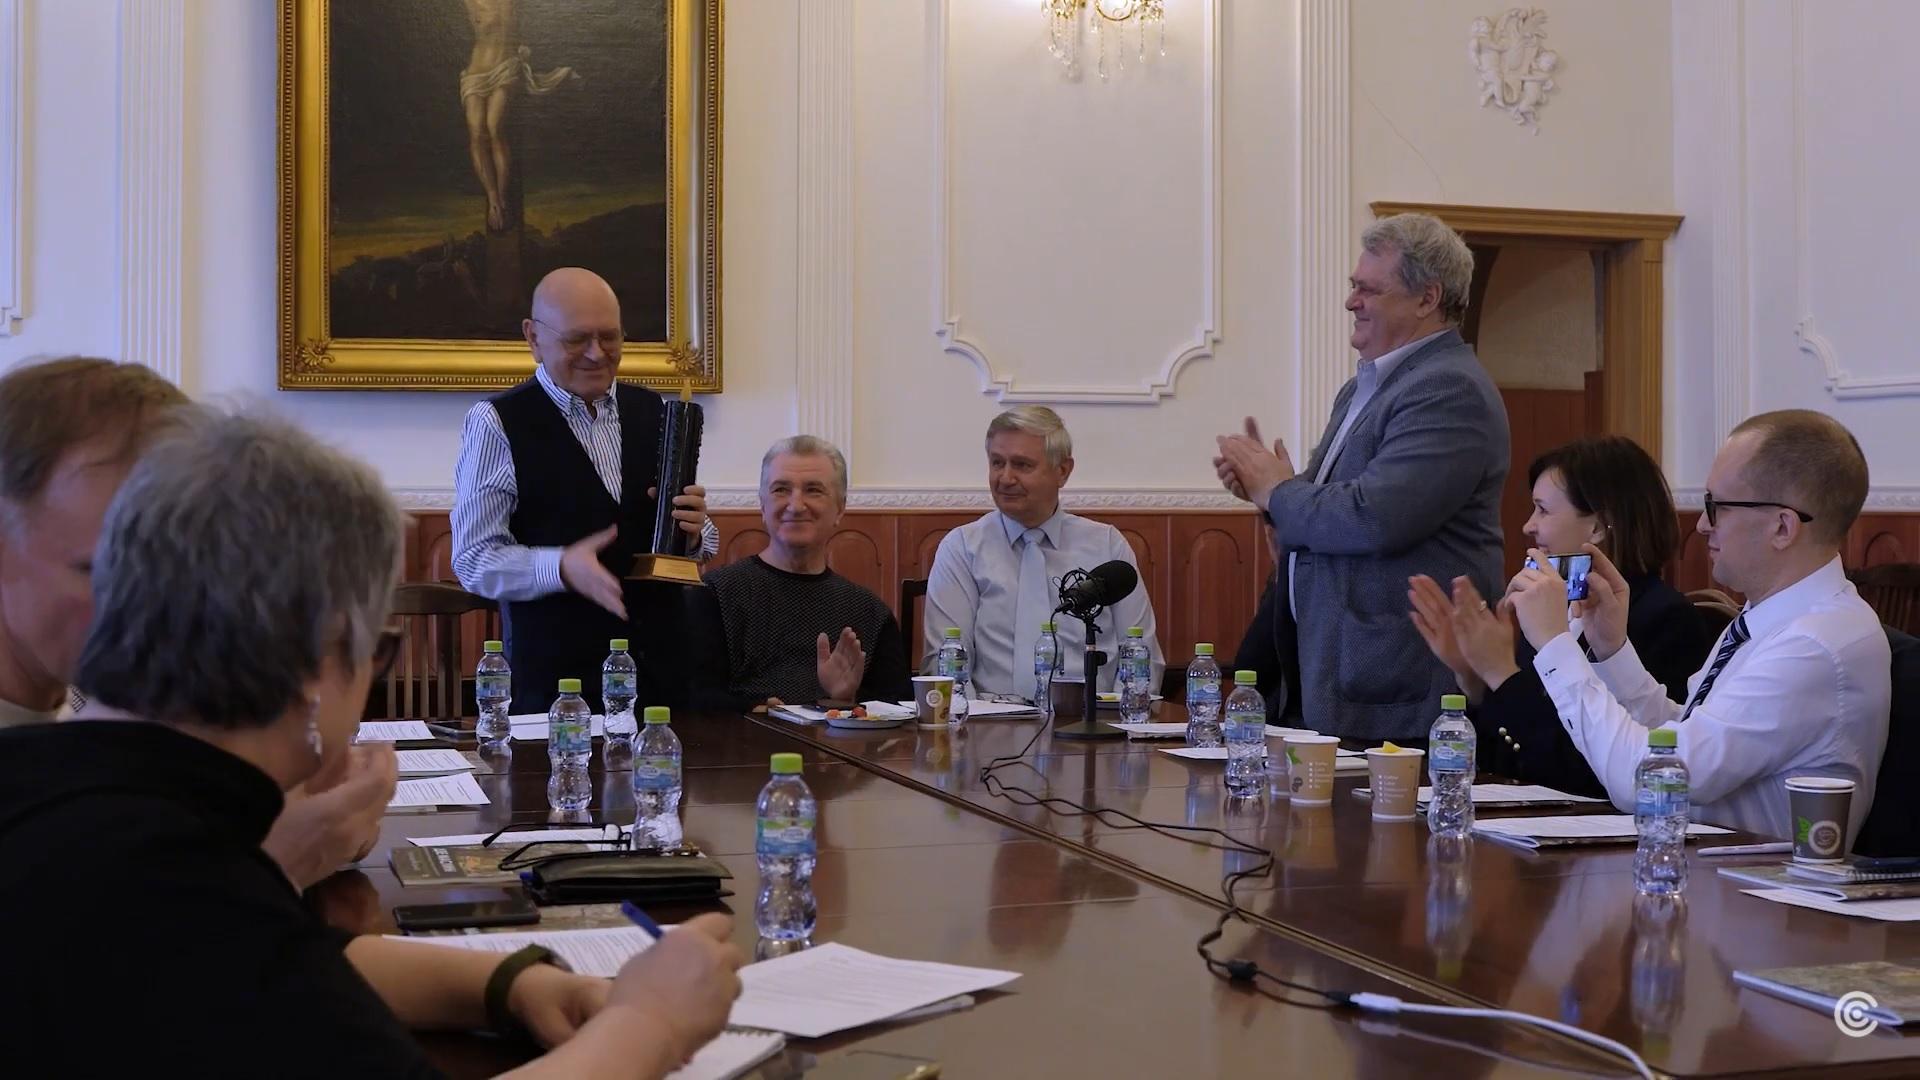 Иудео-христианский диалог в России выходит на новый этап развития